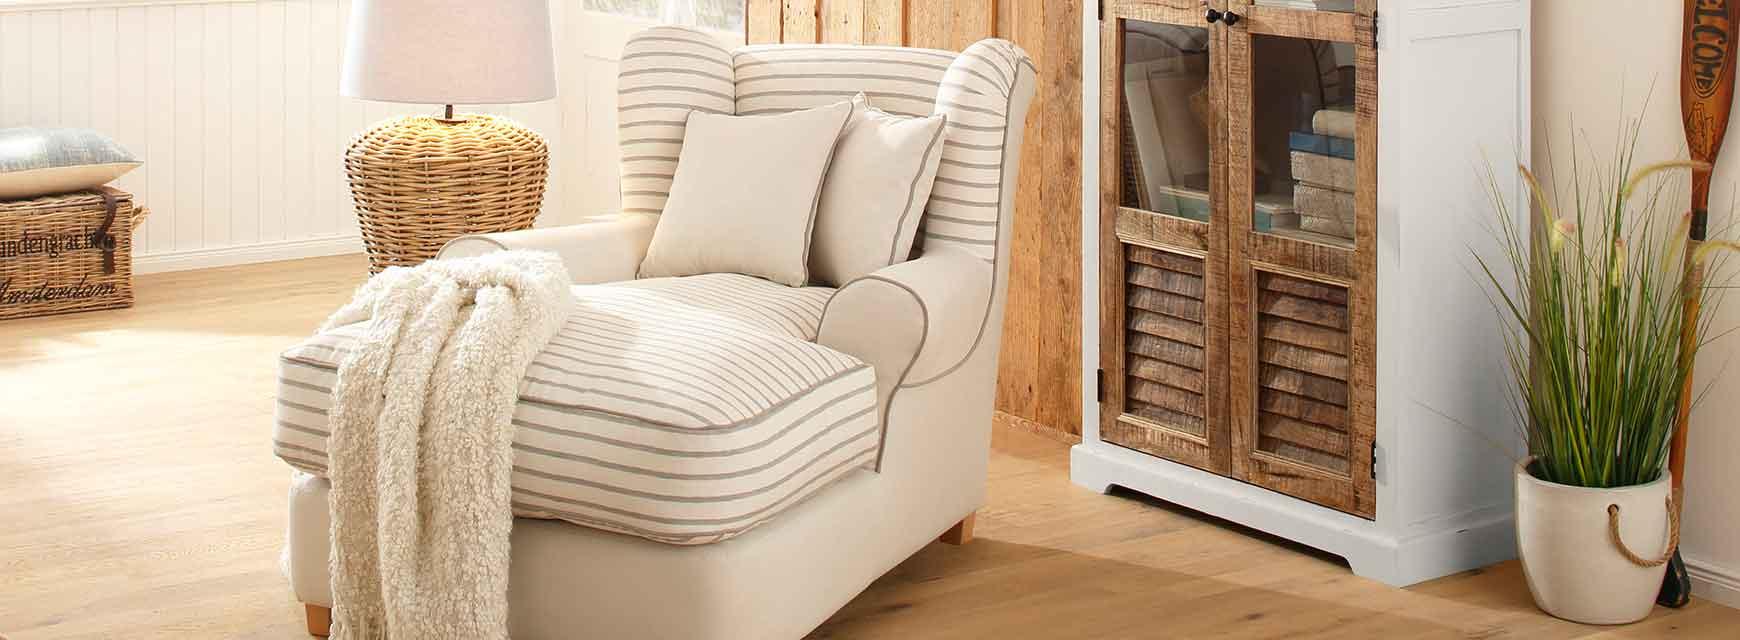 Full Size of Sofa Landhausstil Landhaus Couch Online Kaufen Naturloftde Ikea Mit Schlaffunktion Home Affaire Altes Recamiere Bettfunktion Bettkasten Polster Big L Form Sofa Sofa Sitzhöhe 55 Cm